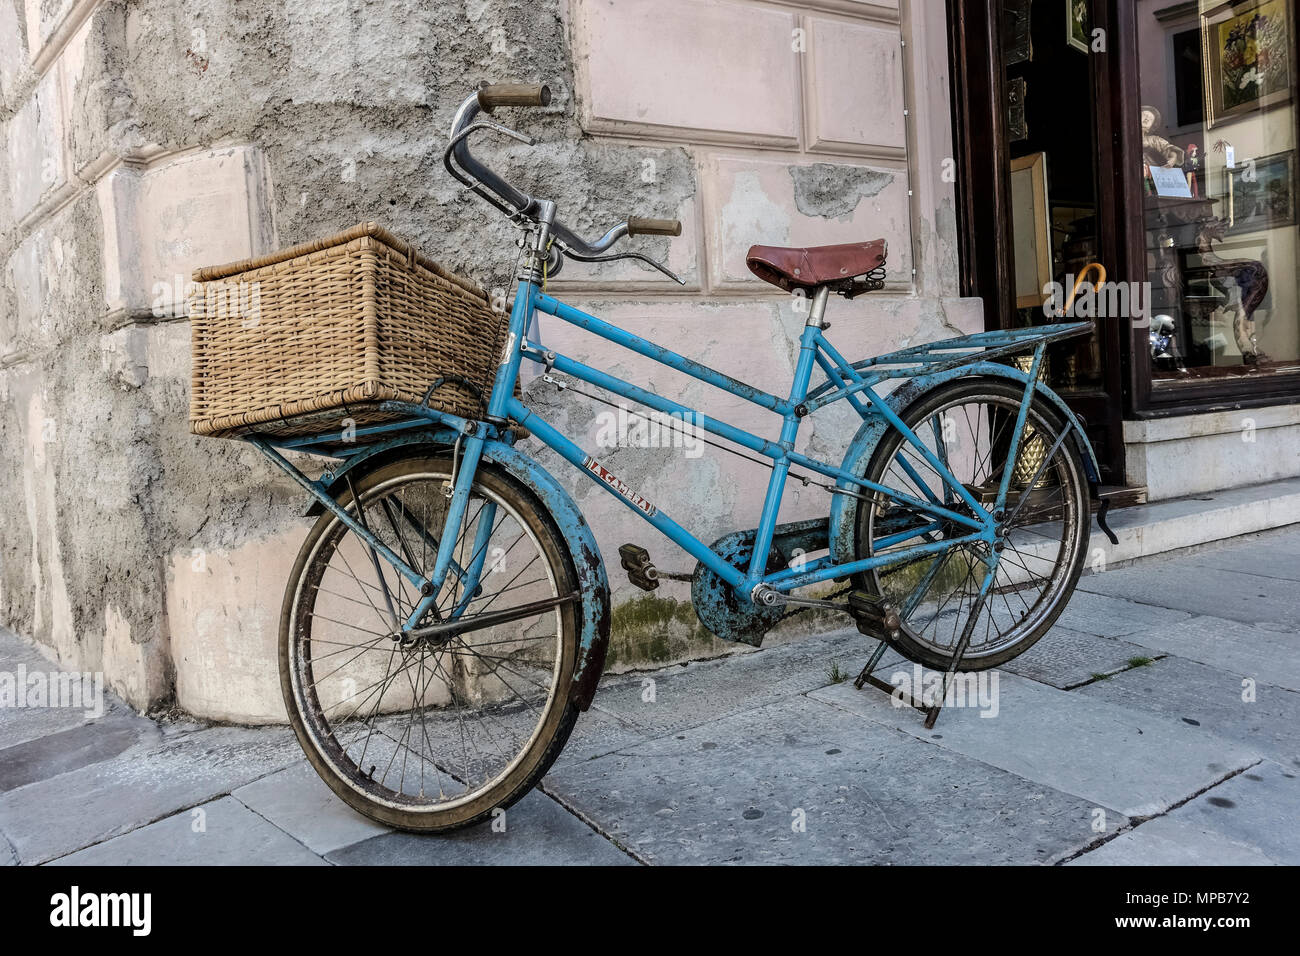 https www alamyimages fr vieux velo bleu clair avec panier de livraison gare devant un magasin gorizia italie europe union europeenne ue image185873830 html